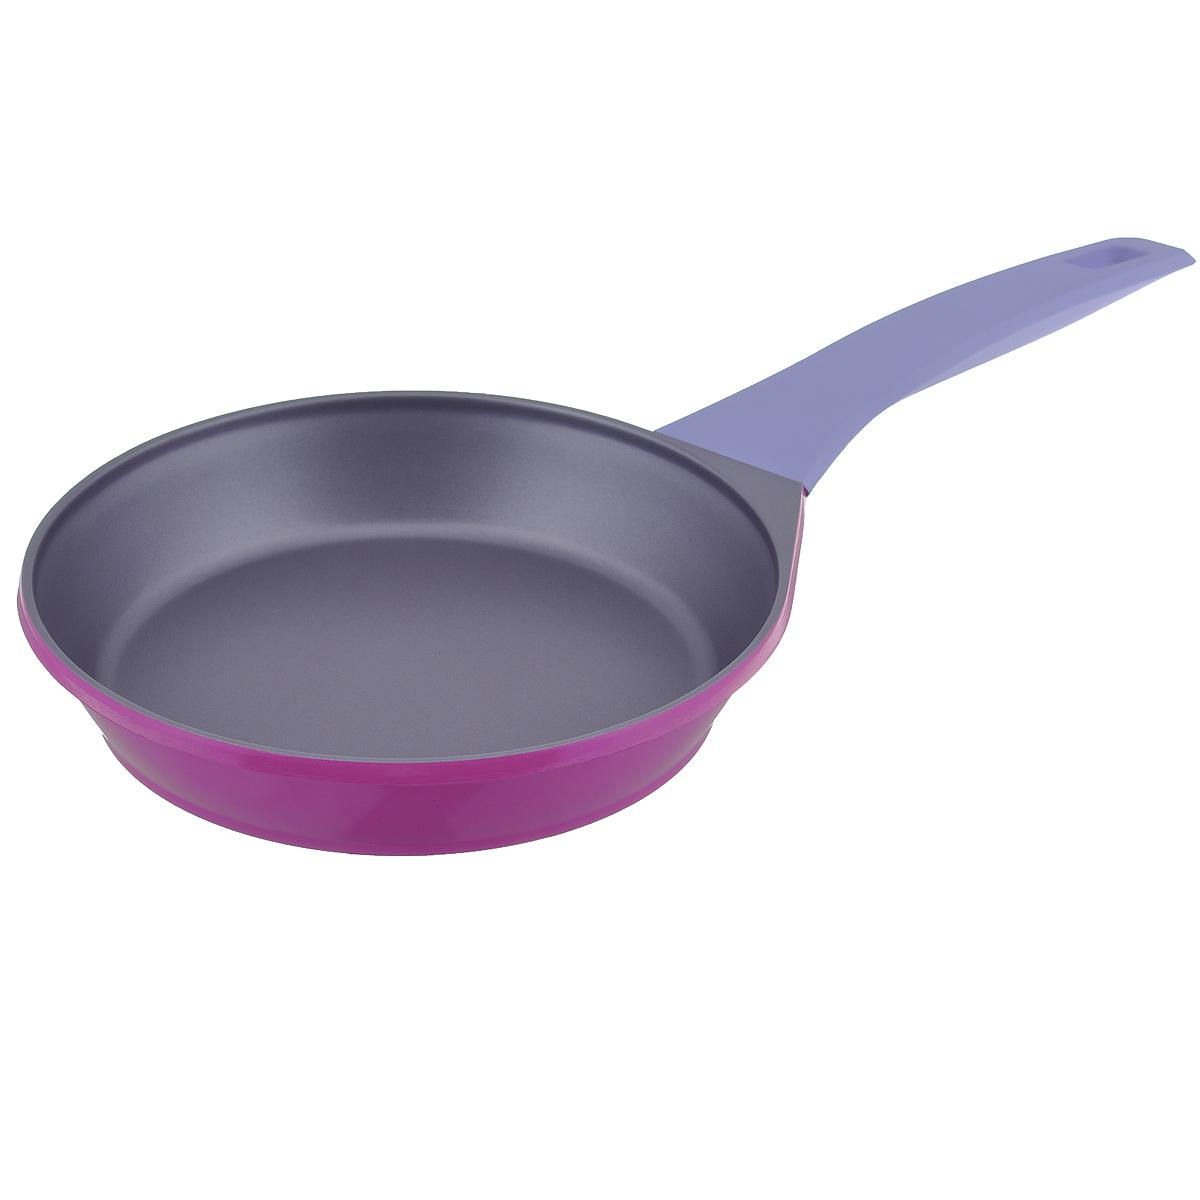 Сковорода Atlantis Moebius, с антипригарным покрытием, цвет: фиолетовый. Диаметр 24 см54 009312Сковорода Atlantis Moebius изготовлена из алюминия методом ковки с высококачественным антипригарным покрытием. Покрытие обладает повышенной устойчивостью к воздействию кухонных аксессуаров. С таким покрытием пища не пригорает и не прилипает к стенкам, поэтому можно готовить с минимальным добавлением масла и жиров. Комфортная ручка из термостойкого бакелита предотвращает выскальзывание, даже если у вас мокрые руки. Внешнее эмалевое покрытие очень прочное, обладает высокой термостойкостью и не меняет цвет при нагреве, легко моется. Подходит для использования на всех видах плит, в том числе и на индукционных.Диаметр (по верхнему краю): 24 см.Высота стенки: 4,5 см. Толщина стенки: 2,5 мм.Толщина дна: 2 мм.Длина ручки: 19 см.